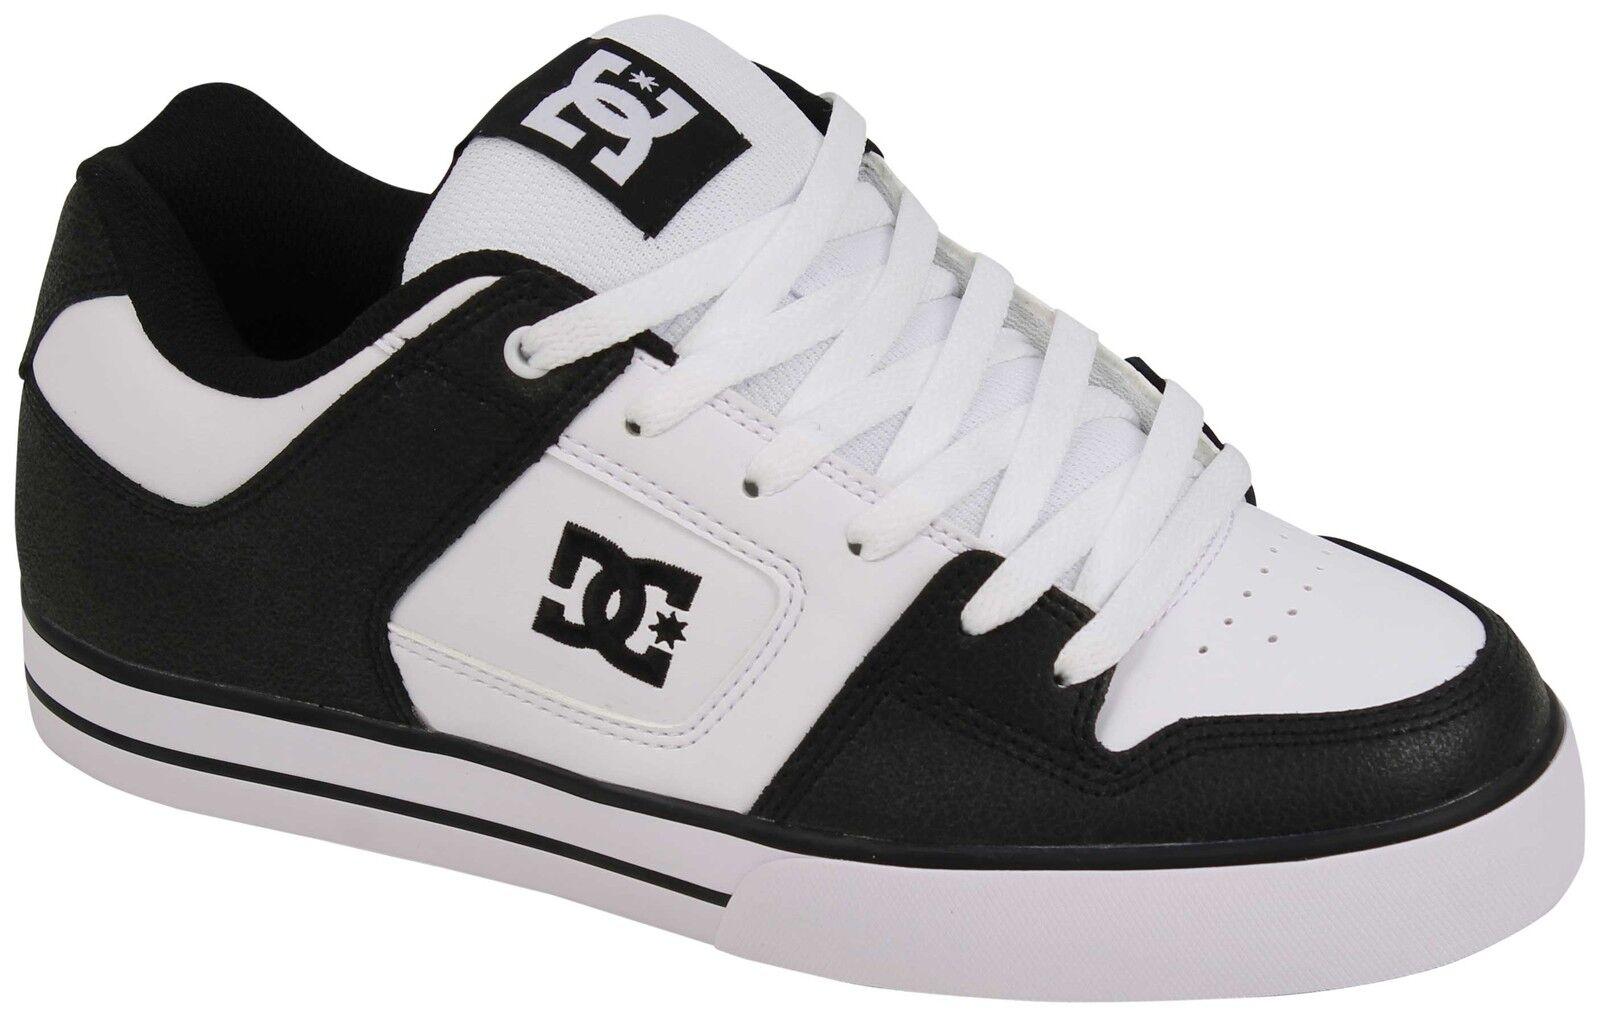 - reine schuh - - schwarz / weiß / schwarz - - neue 38a42b